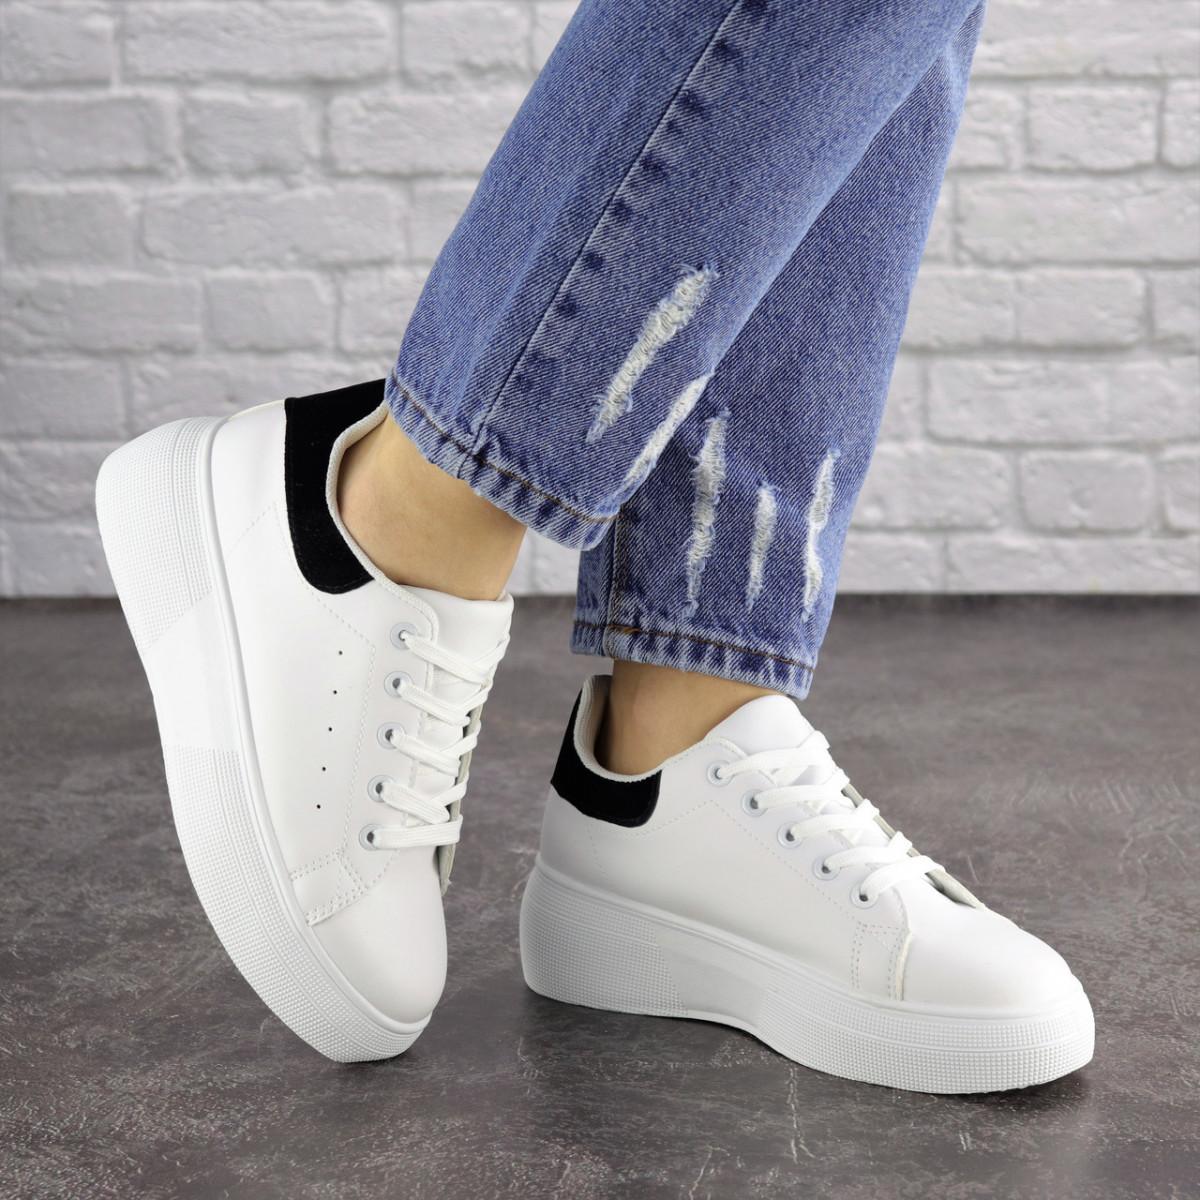 Купить Женские кроссовки белые с черной пяткой Brady 1656, Fashion